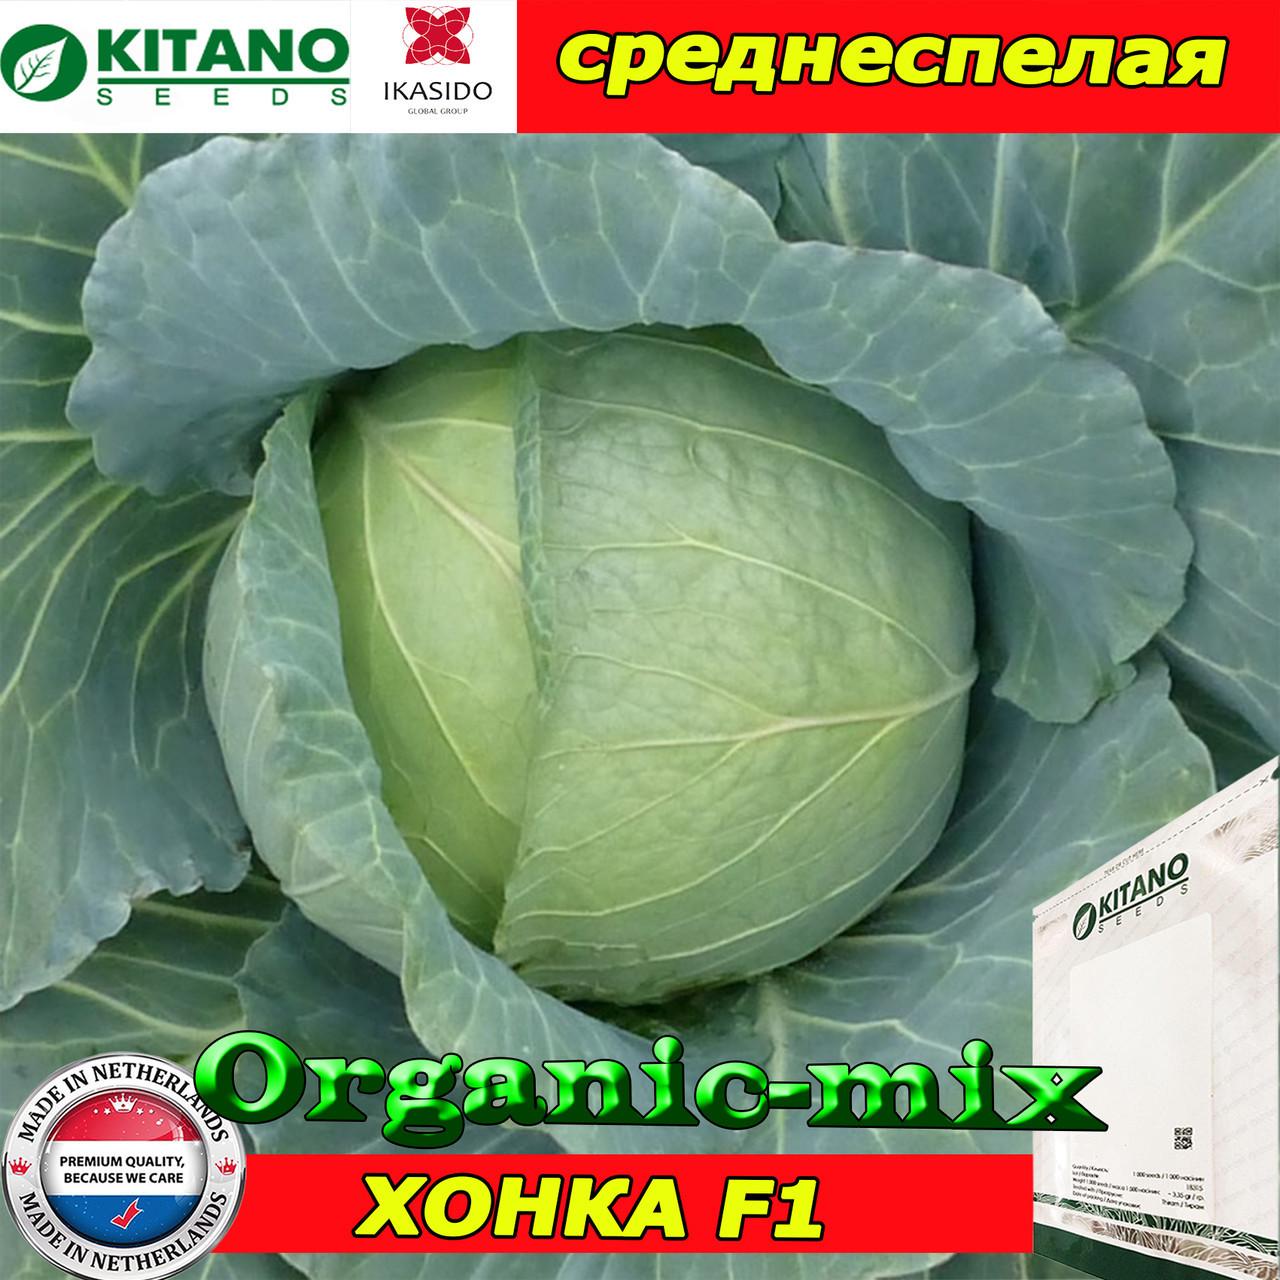 Капуста среднеспелая ХОНКА F1 (KITANO SEEDS, Нидерланды), проф.пакет 1000 семян